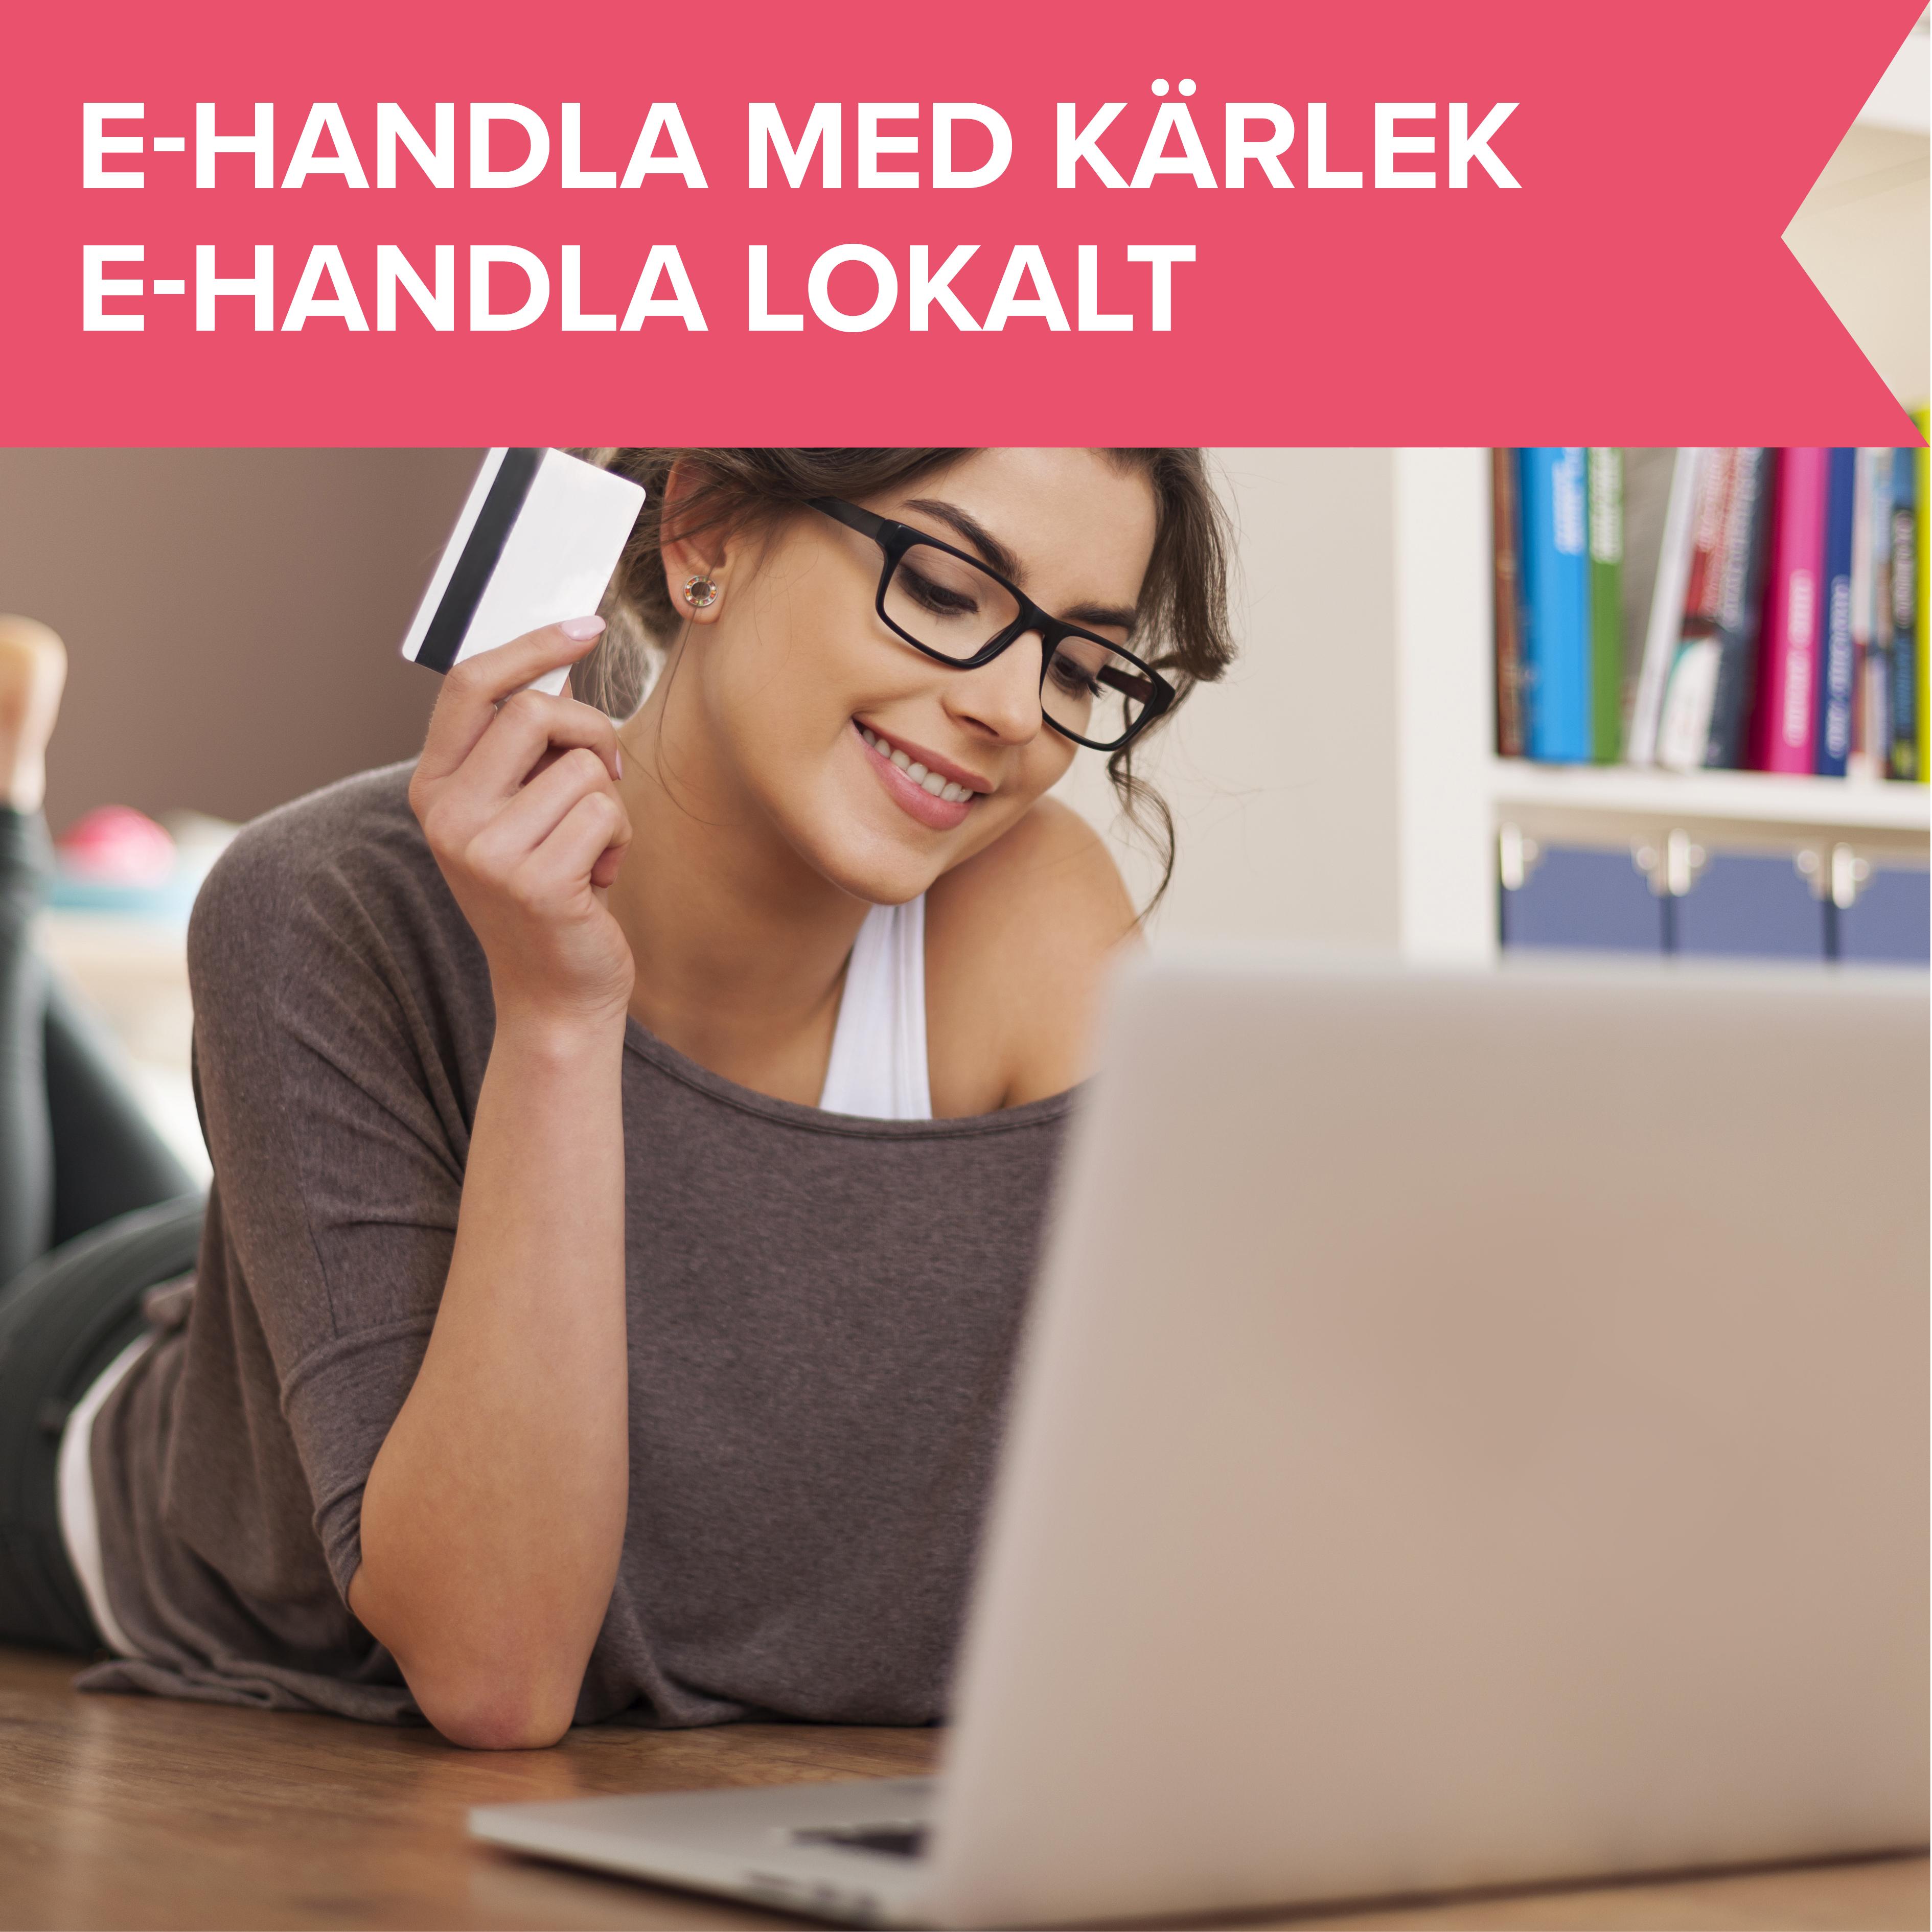 e-handla lokalt